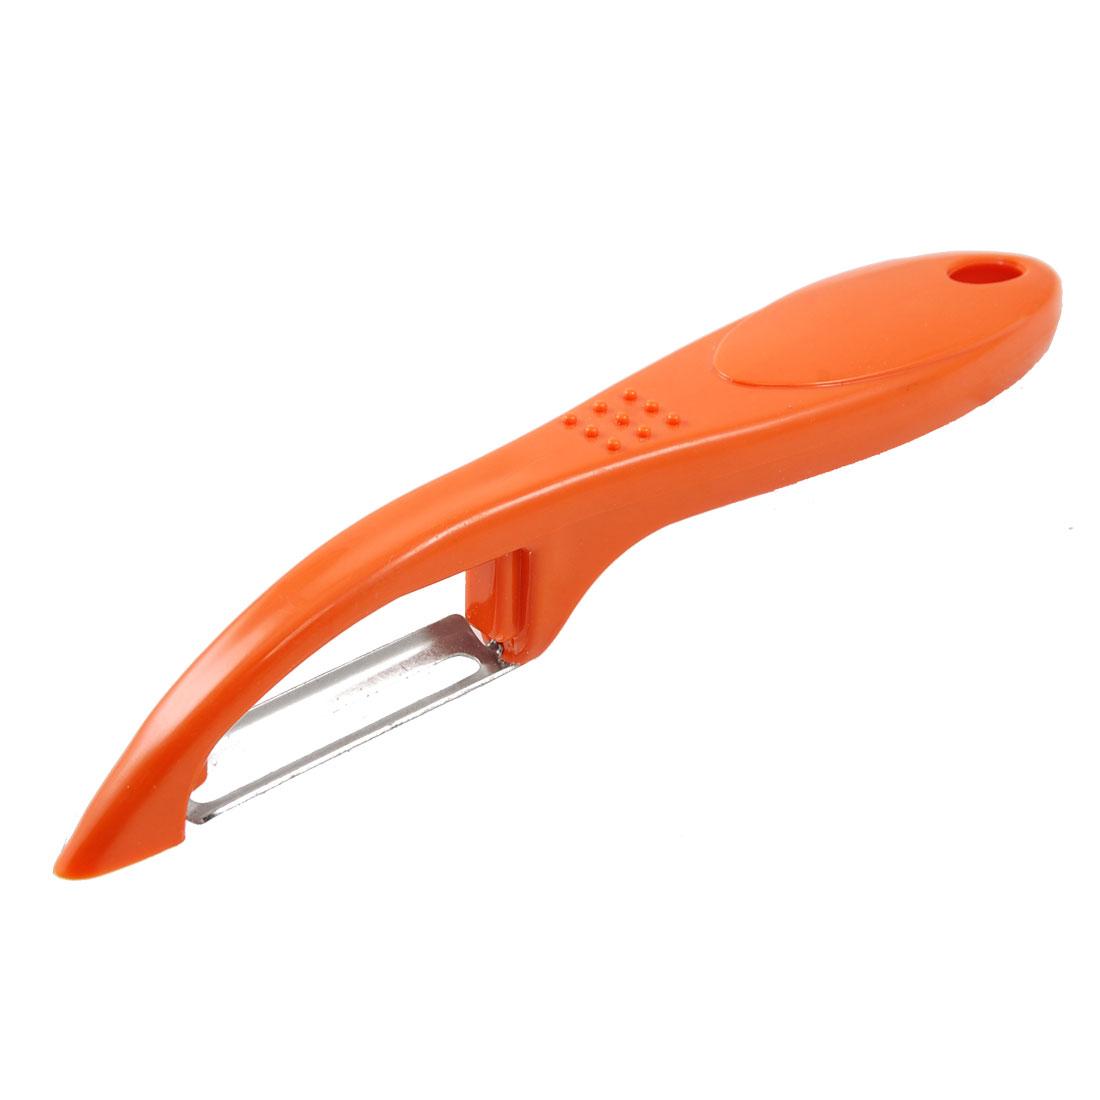 Stainless Steel Edge Milling Orange Grip Bad Spot Remove Apple Fruit Peeler